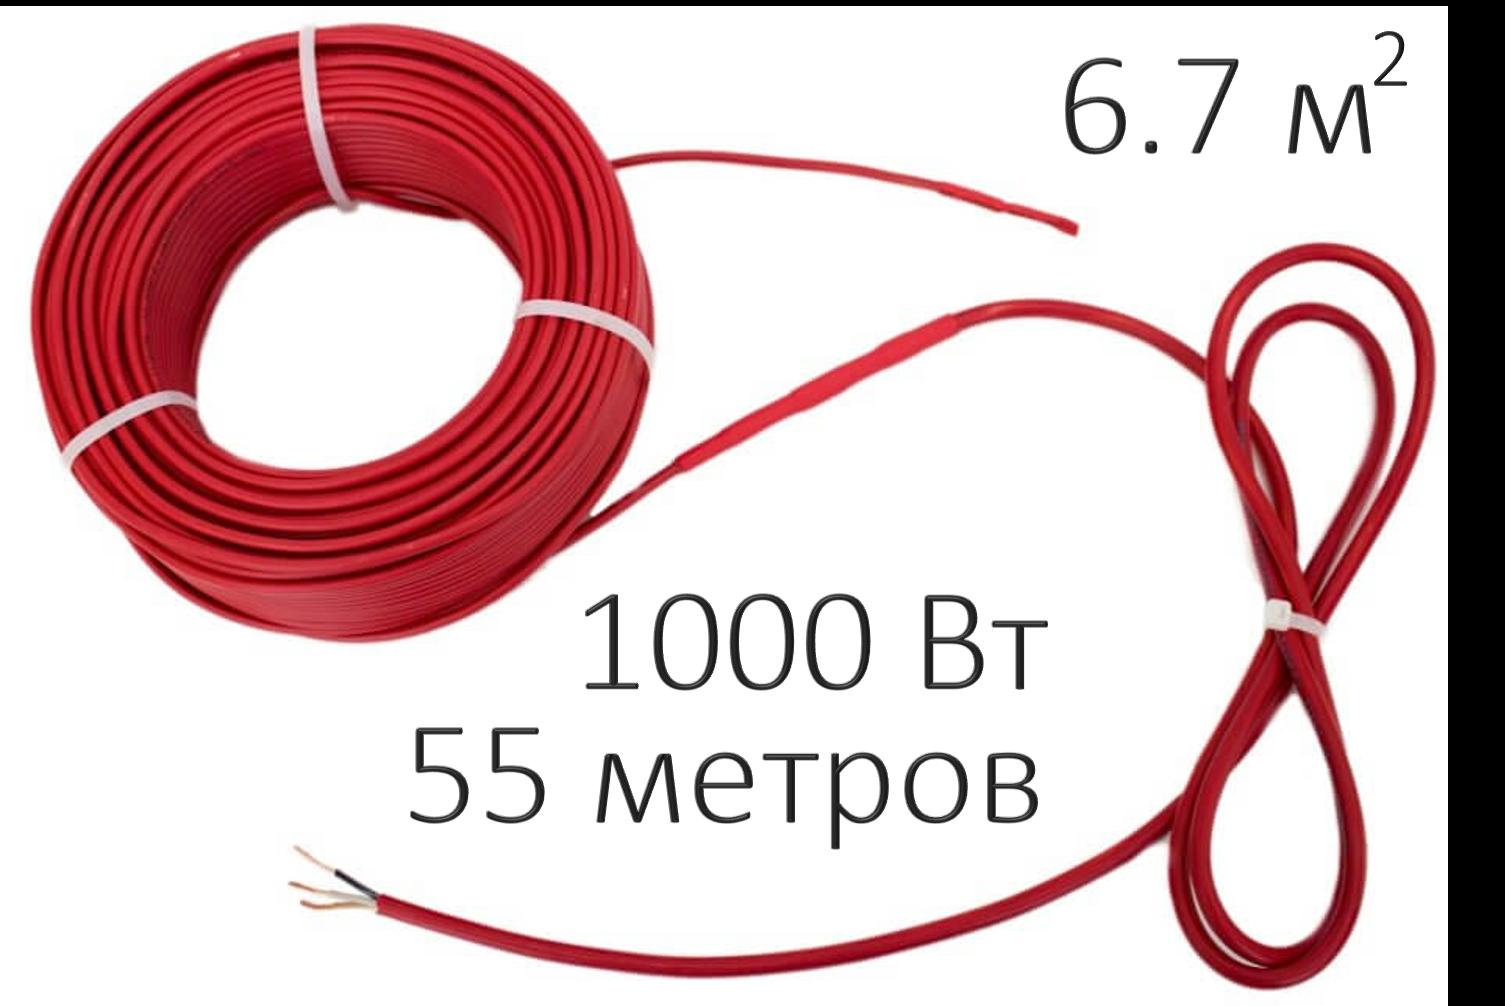 Кабельная нагревательная секция СТН КС-1000 (1 кВт, 55 пм)